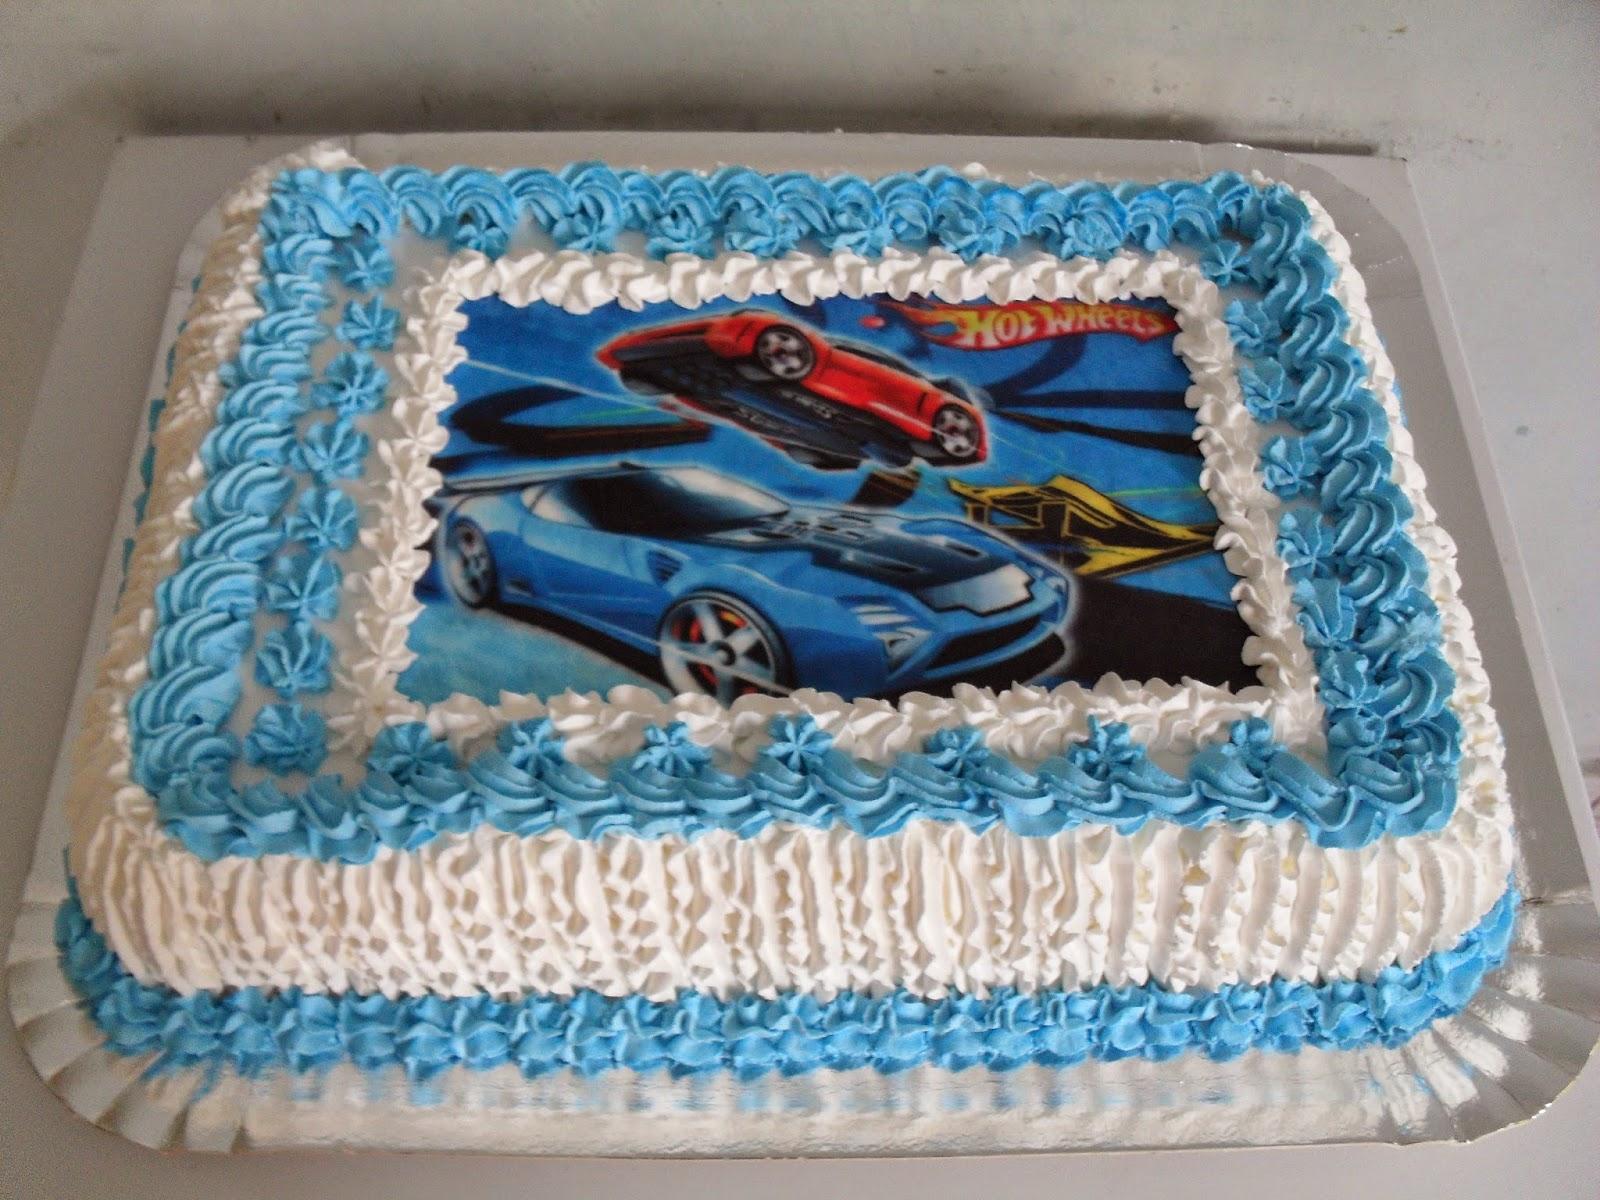 bolo de aniversário com papel de arroz do hot wheels